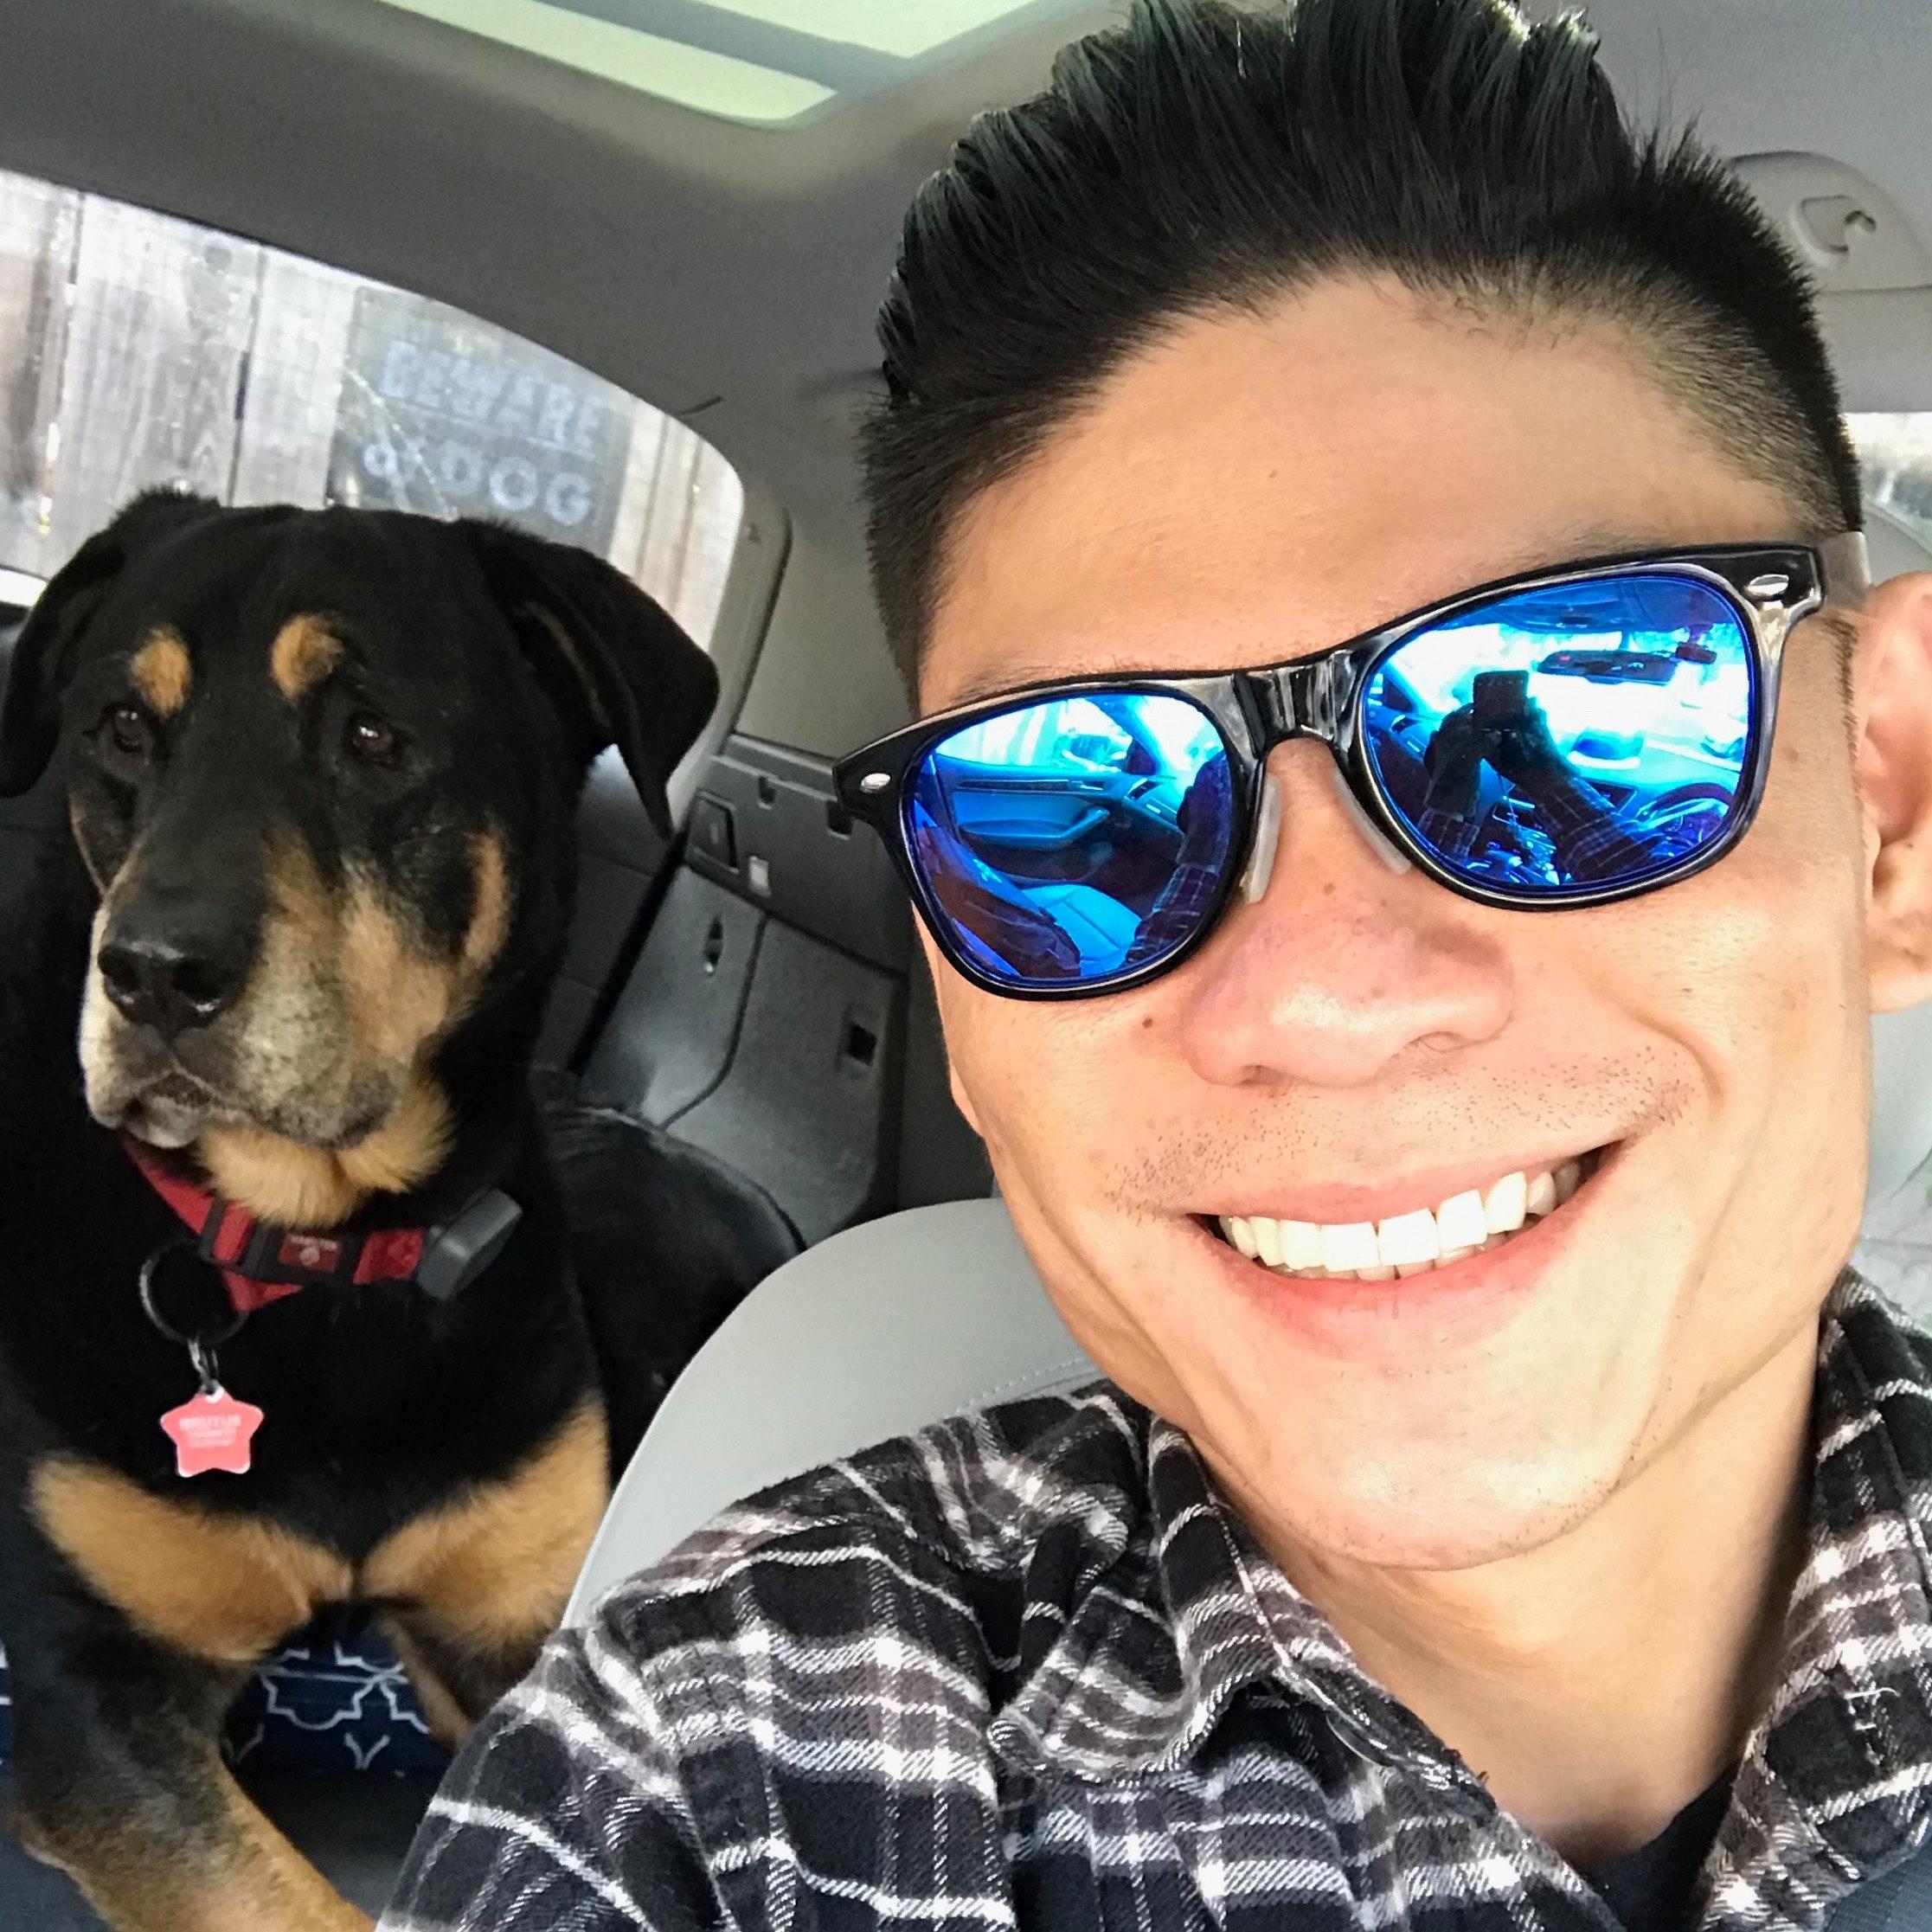 TJ's dog boarding